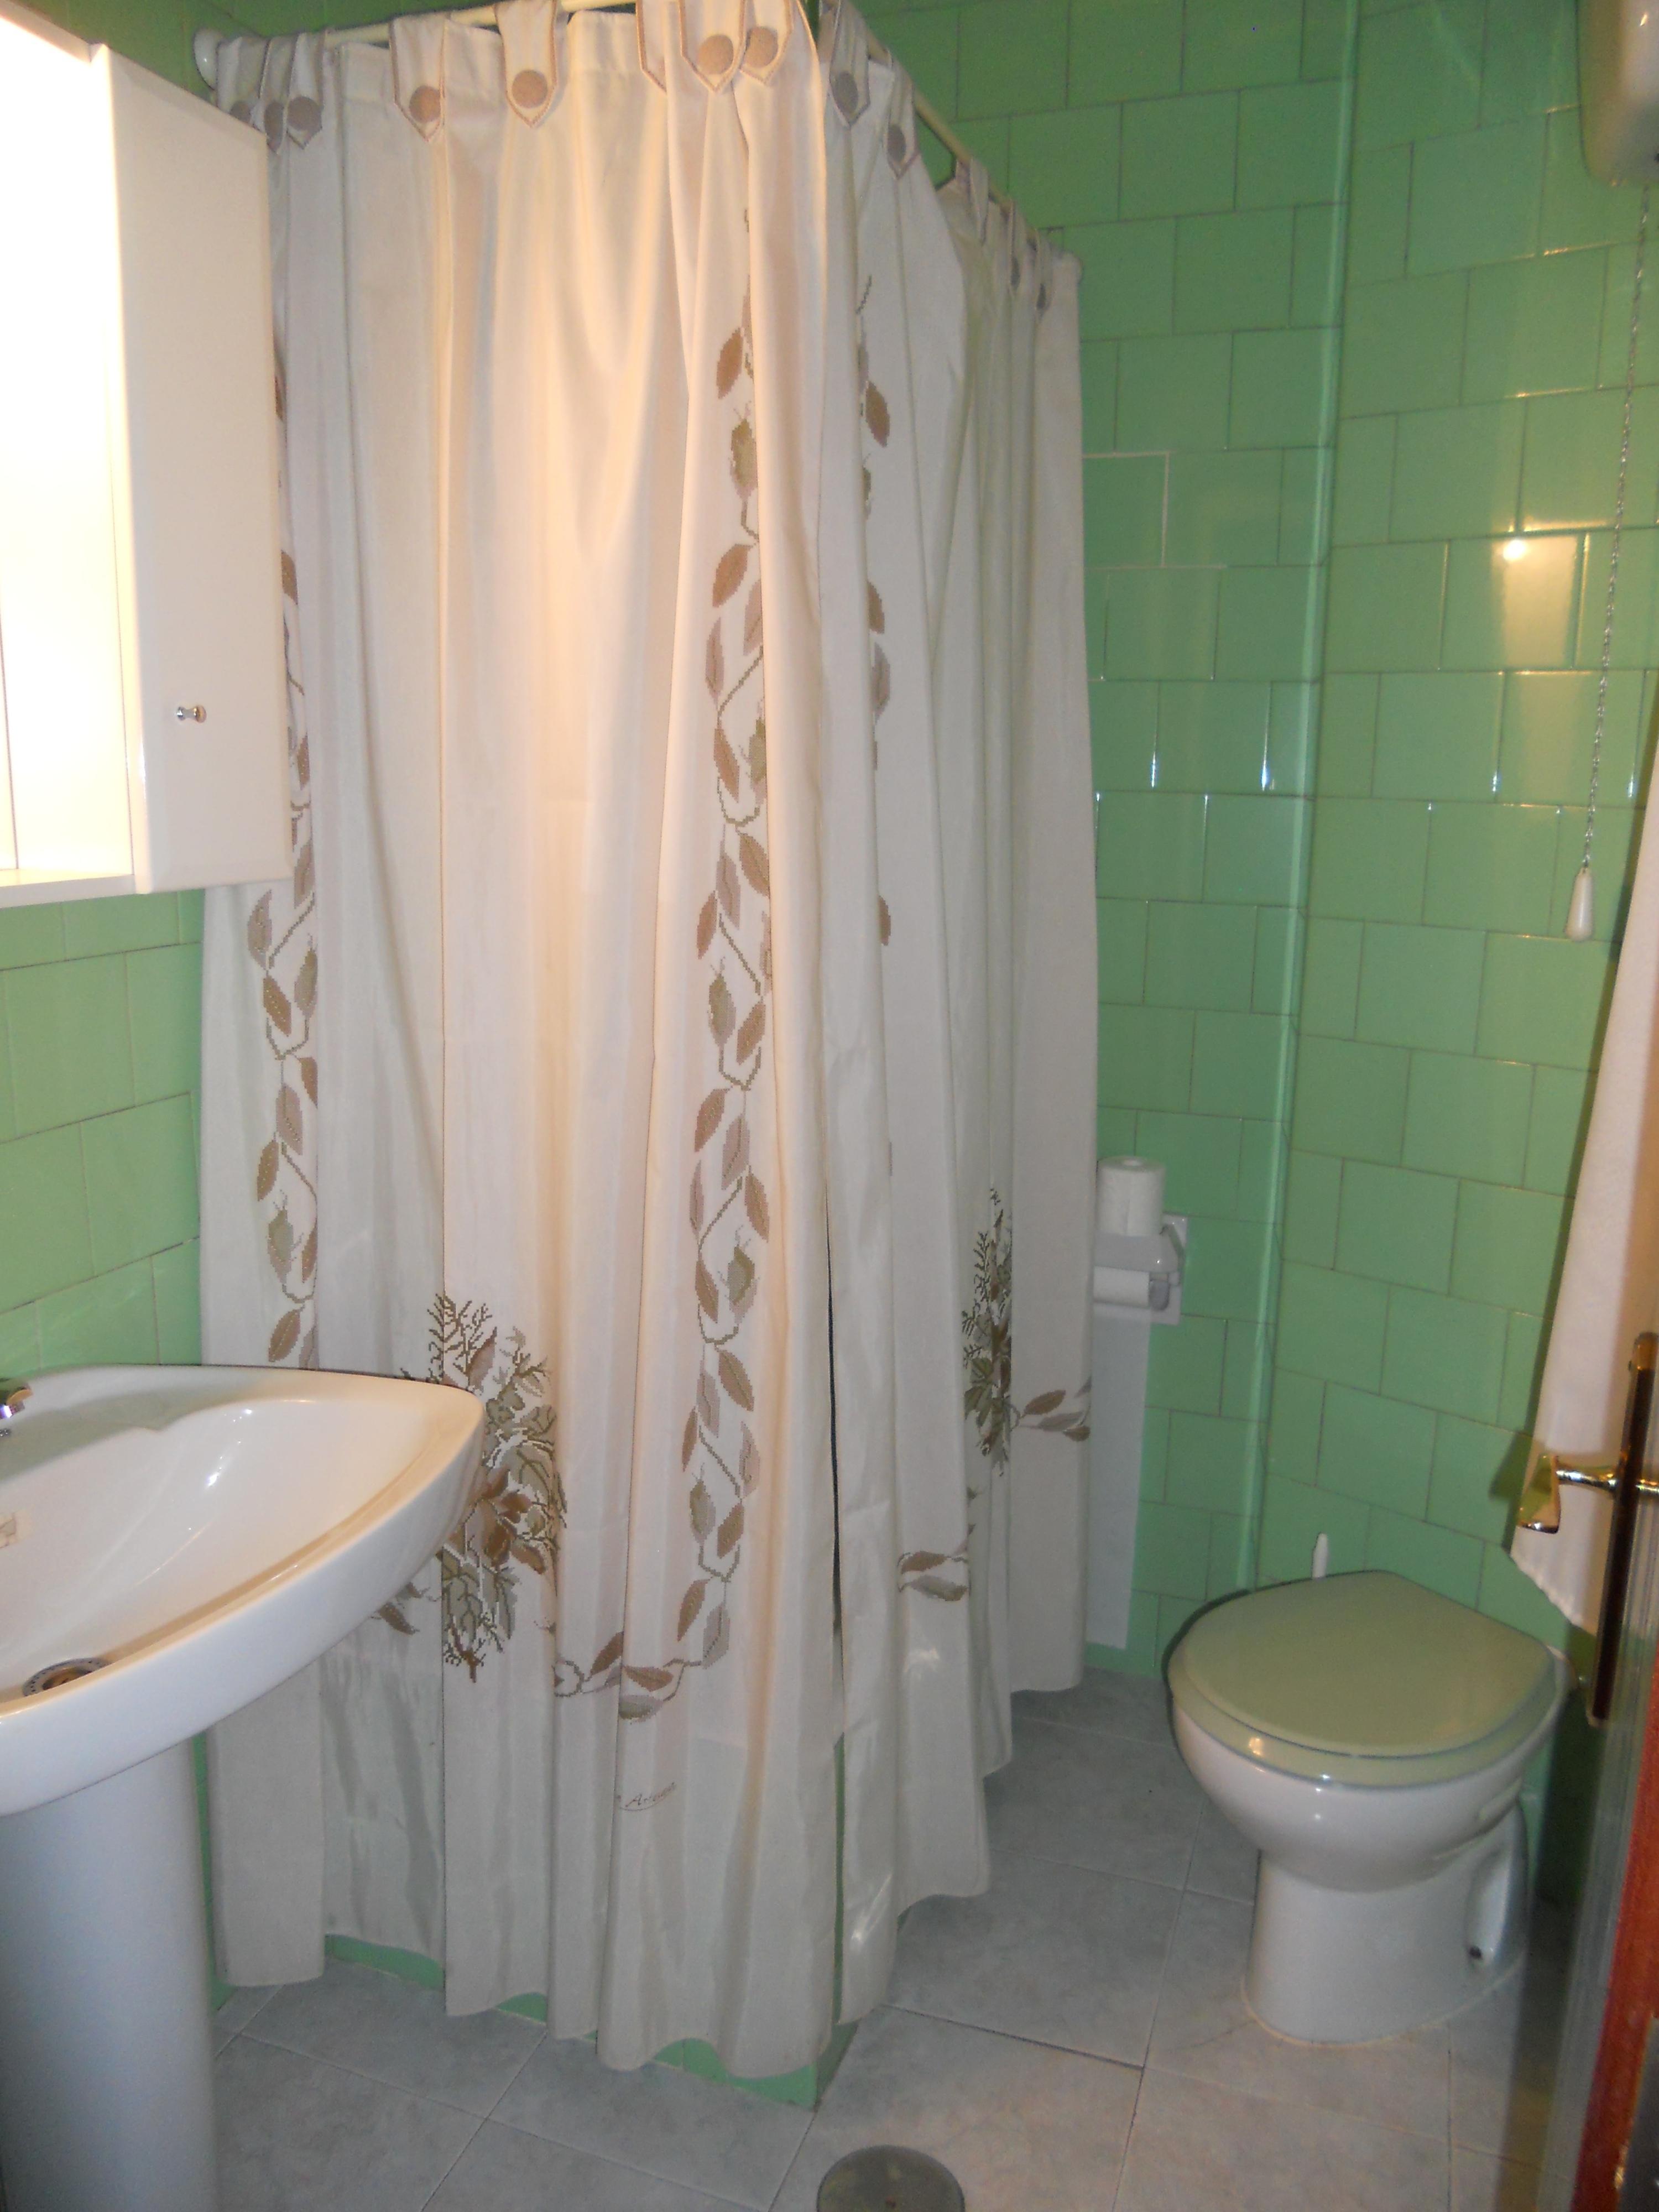 Baño en Basauri antes de la reforma integral